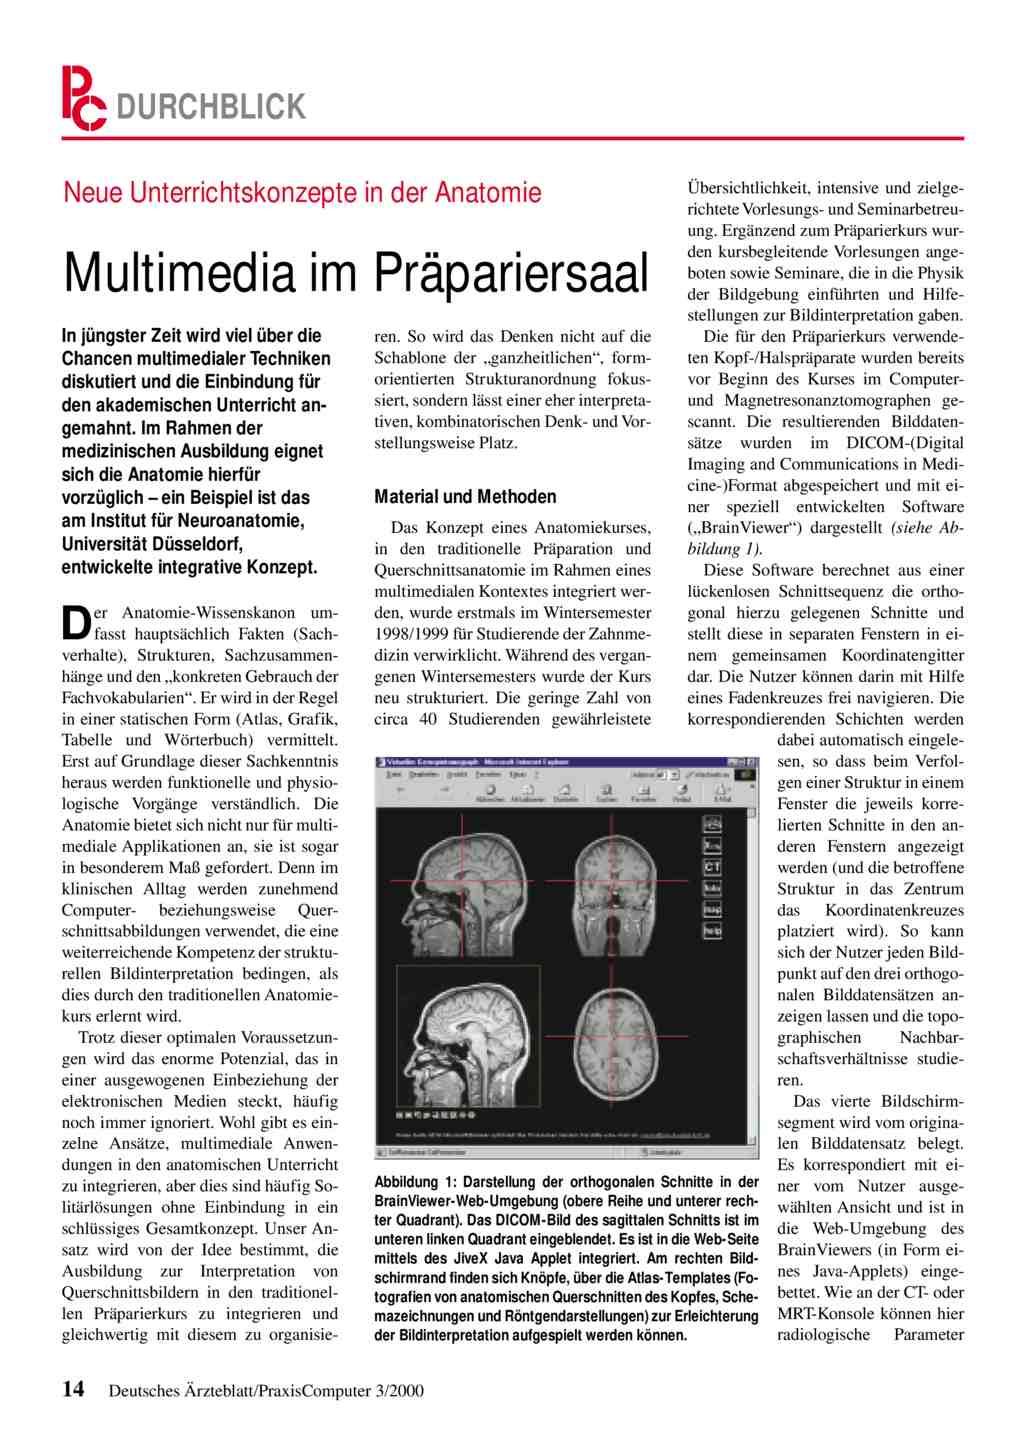 Neue Unterrichtskonzepte in der Anatomie: Multimedia im Präpariersaal